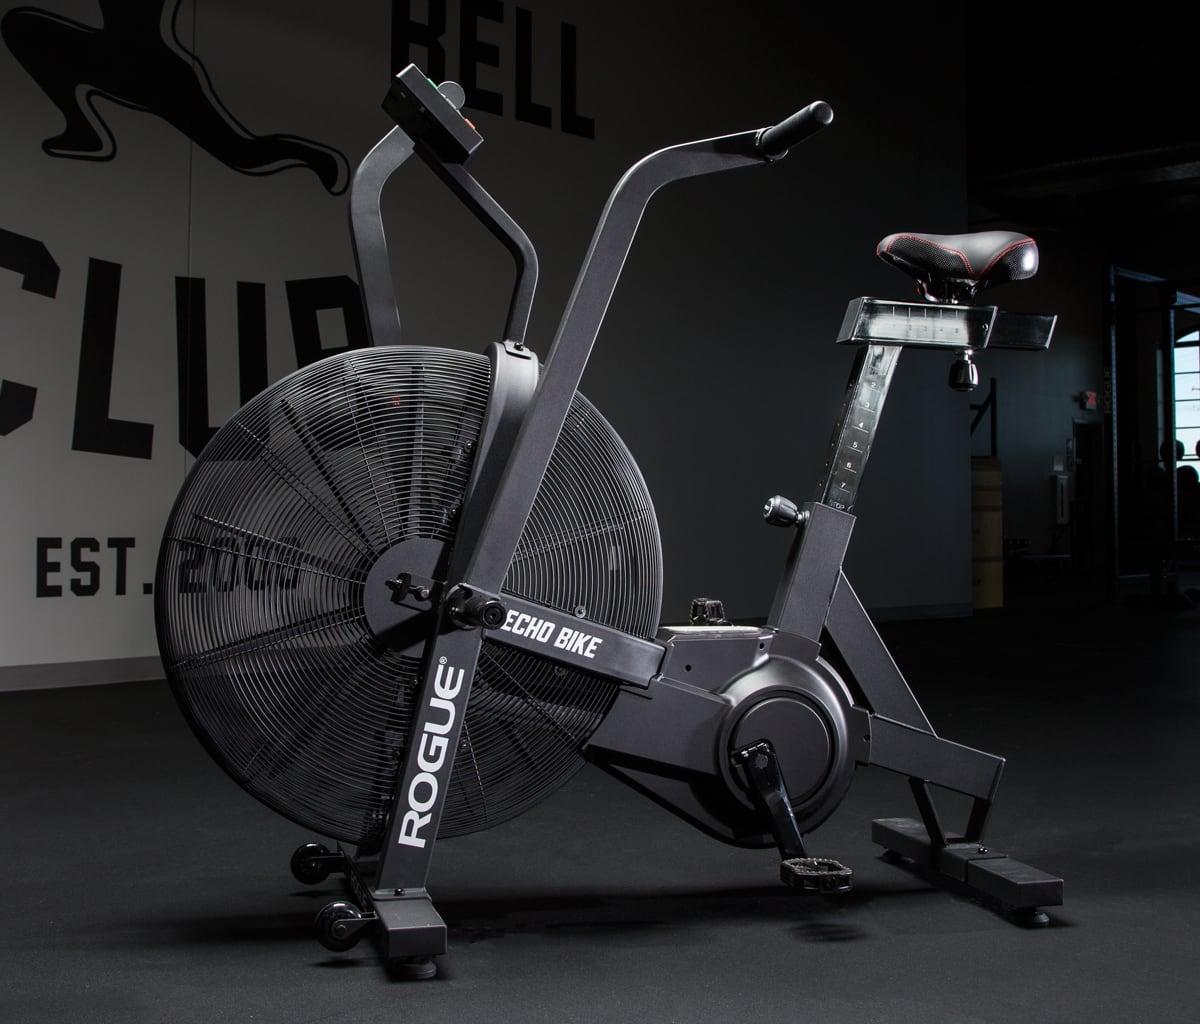 echo-bike-slider-6-new